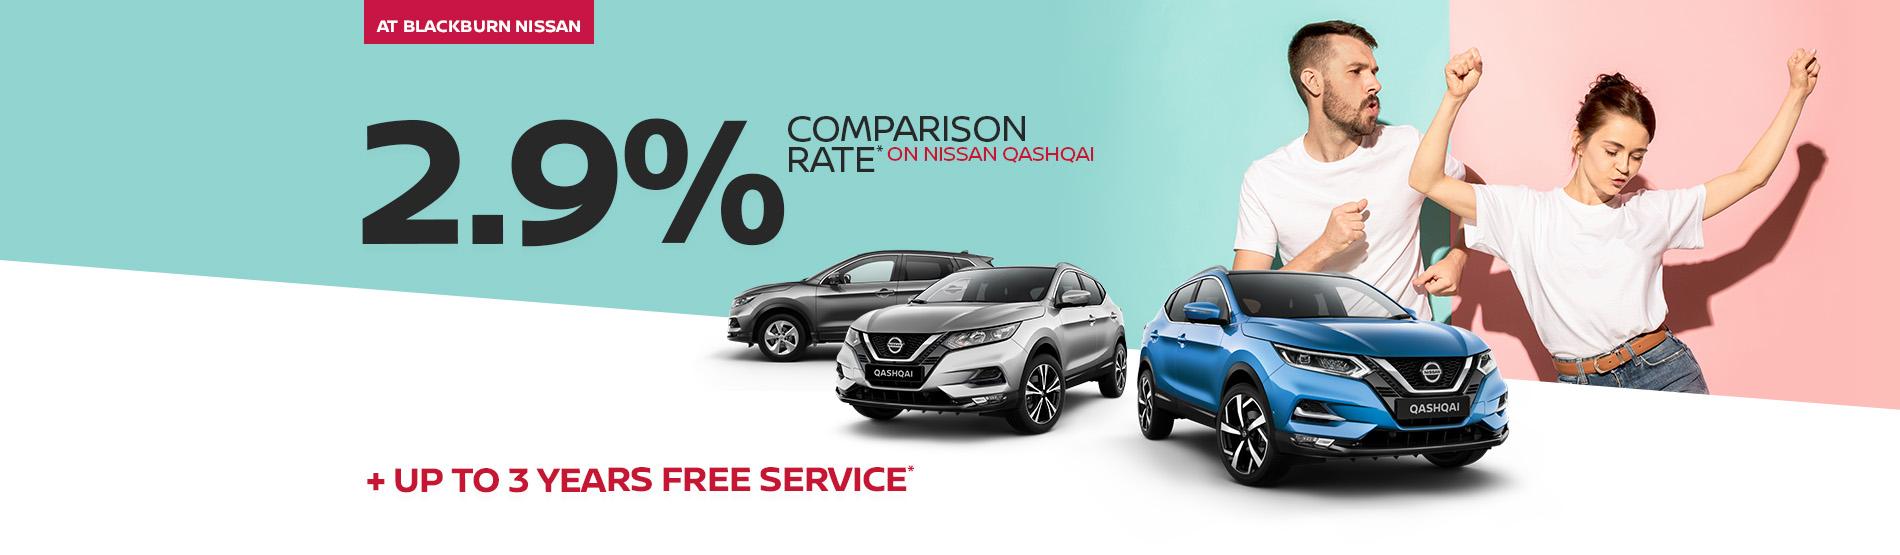 Blackburn Nissan - Qashqai Finance Offer